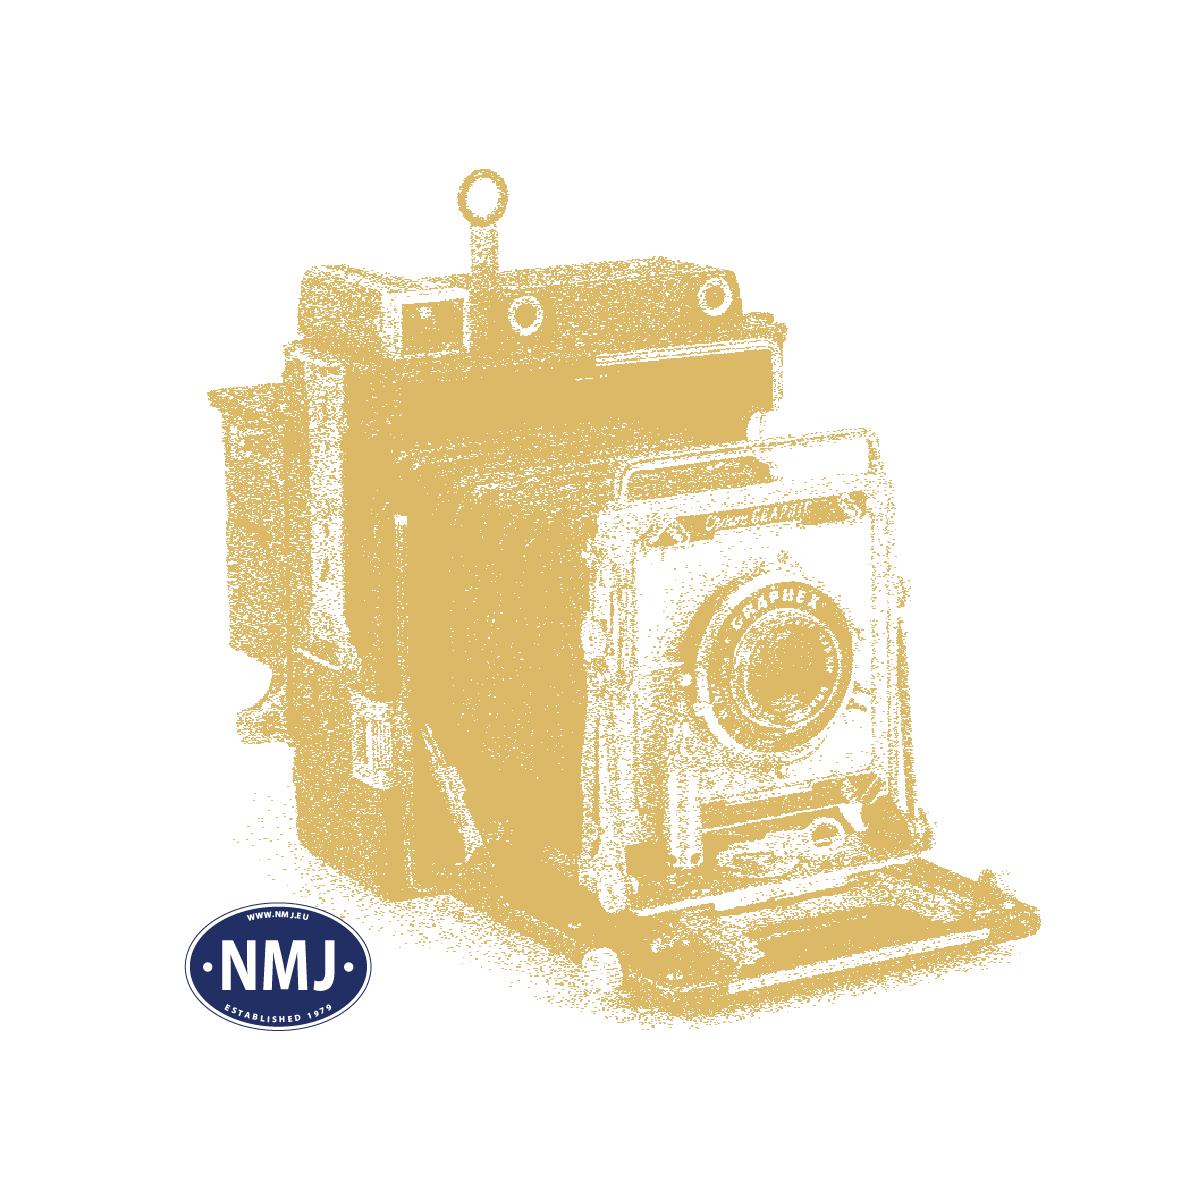 NMJ0TL3-4 - NMJ Superline Modell des Rungenwagens Tl3 10462 der NSB, m/Seiten- und Stirnwänden Spur 0